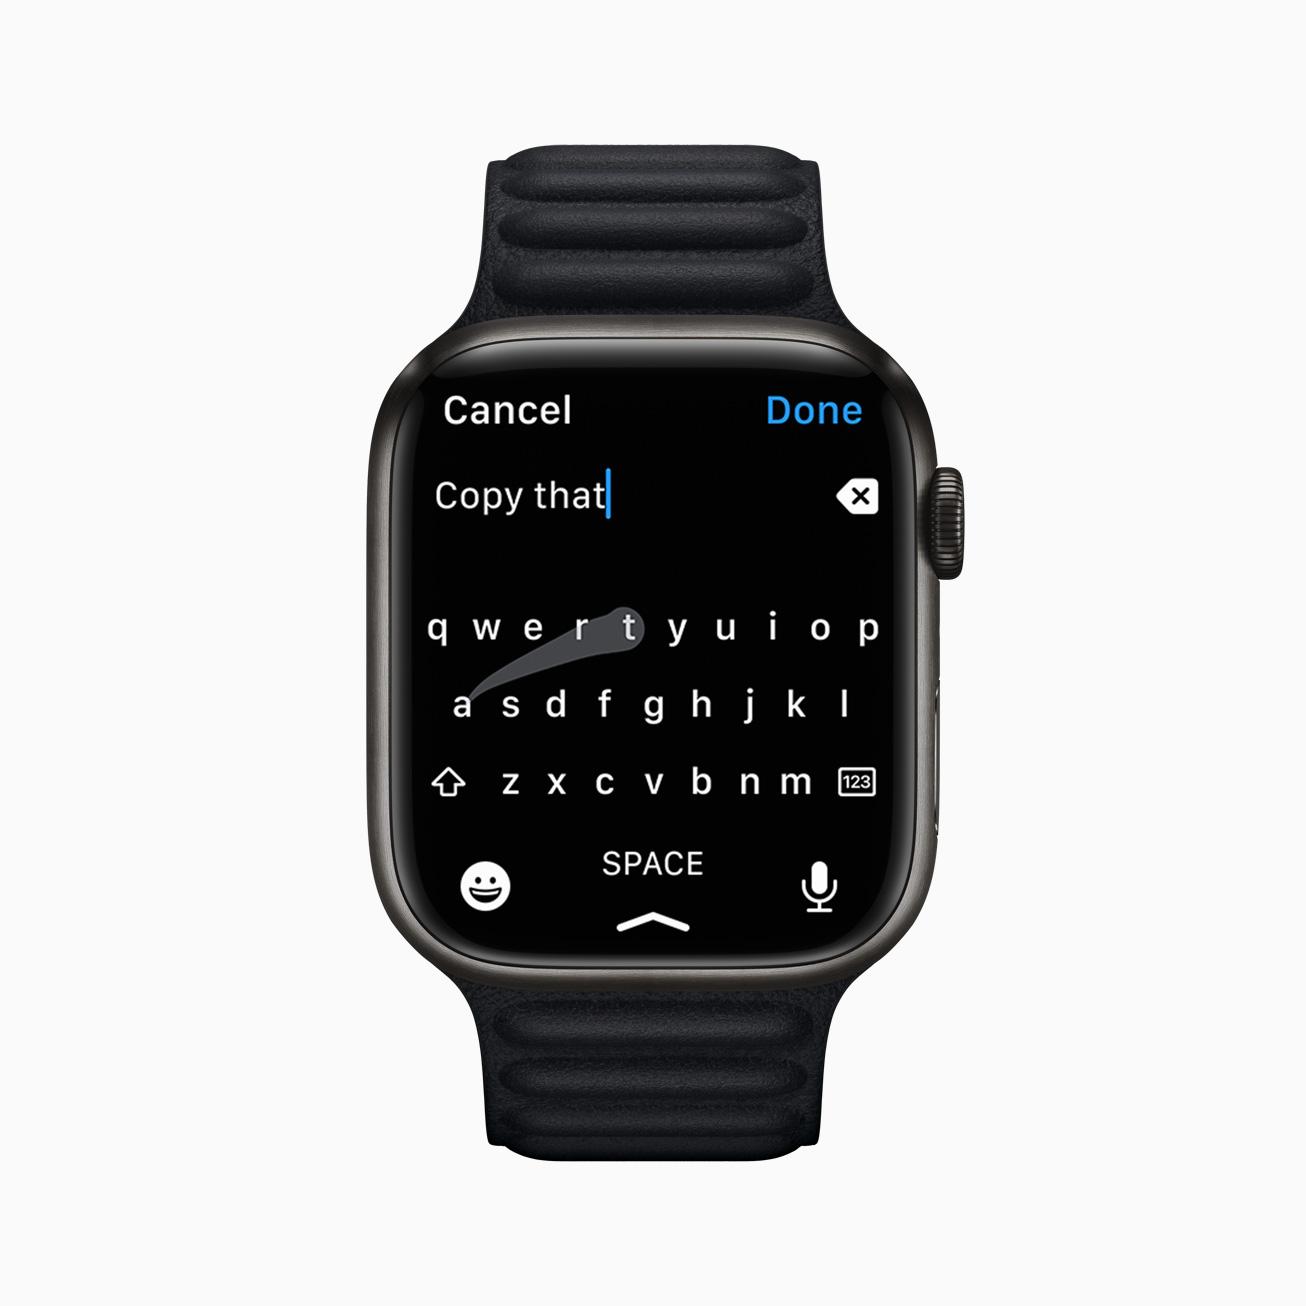 ontop.vn Apple watch series7 watchos keyboard 09142021